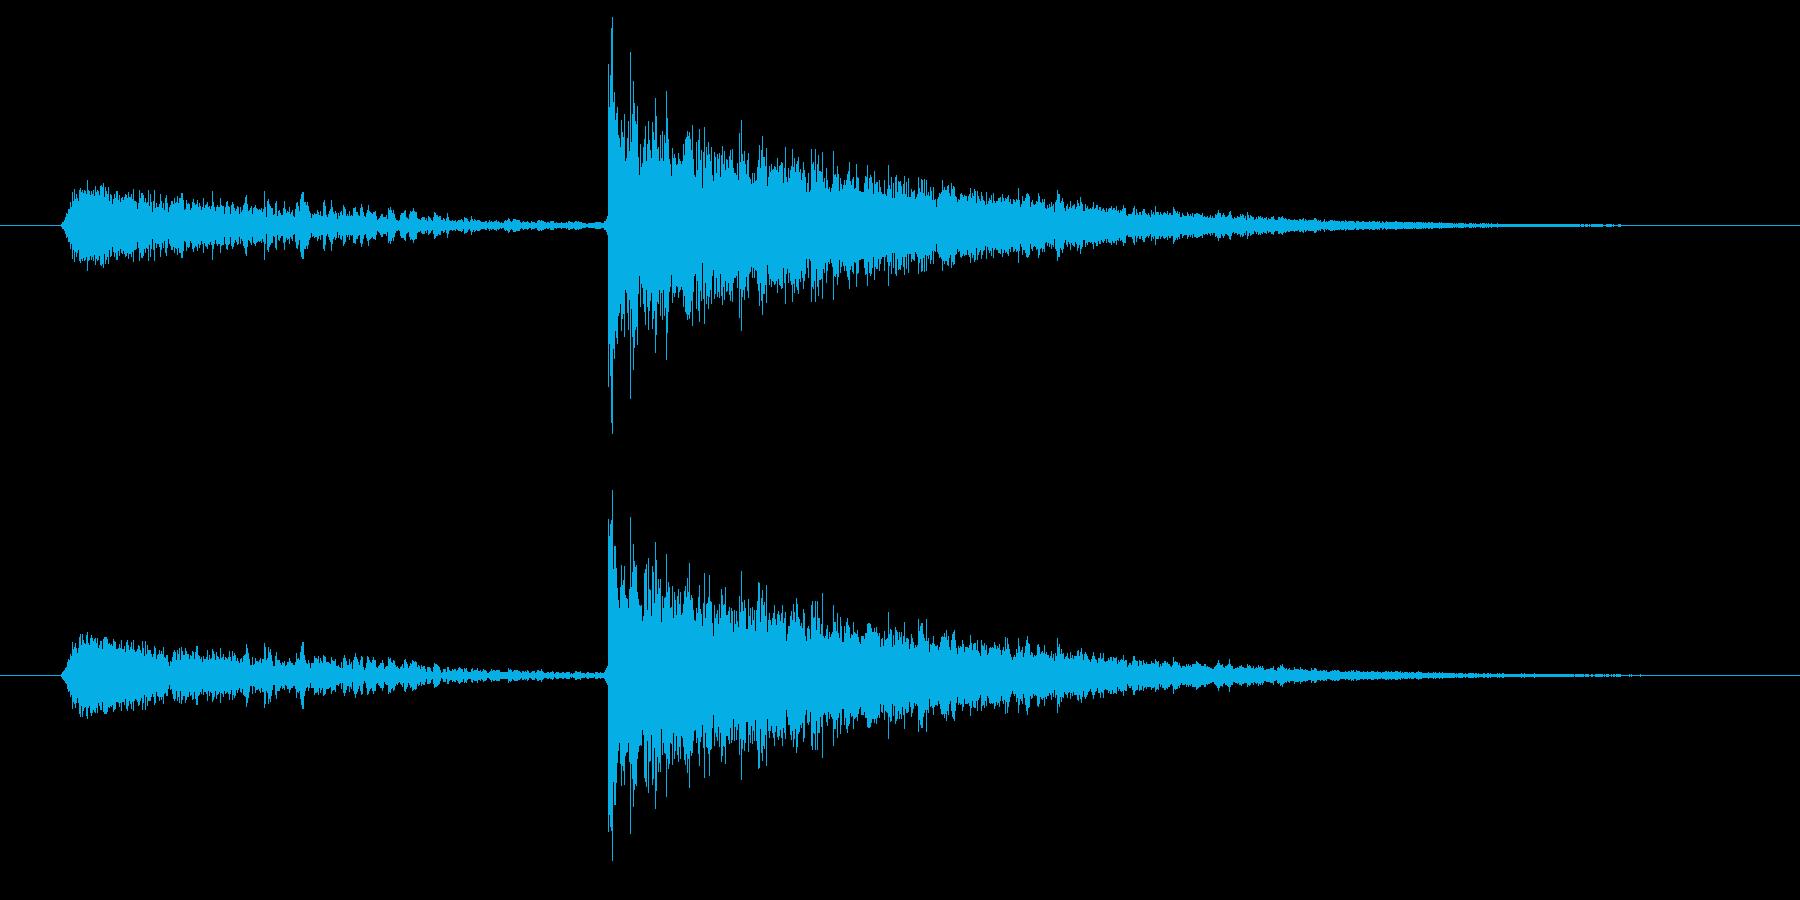 闇のスキルが成長したときの効果音の再生済みの波形